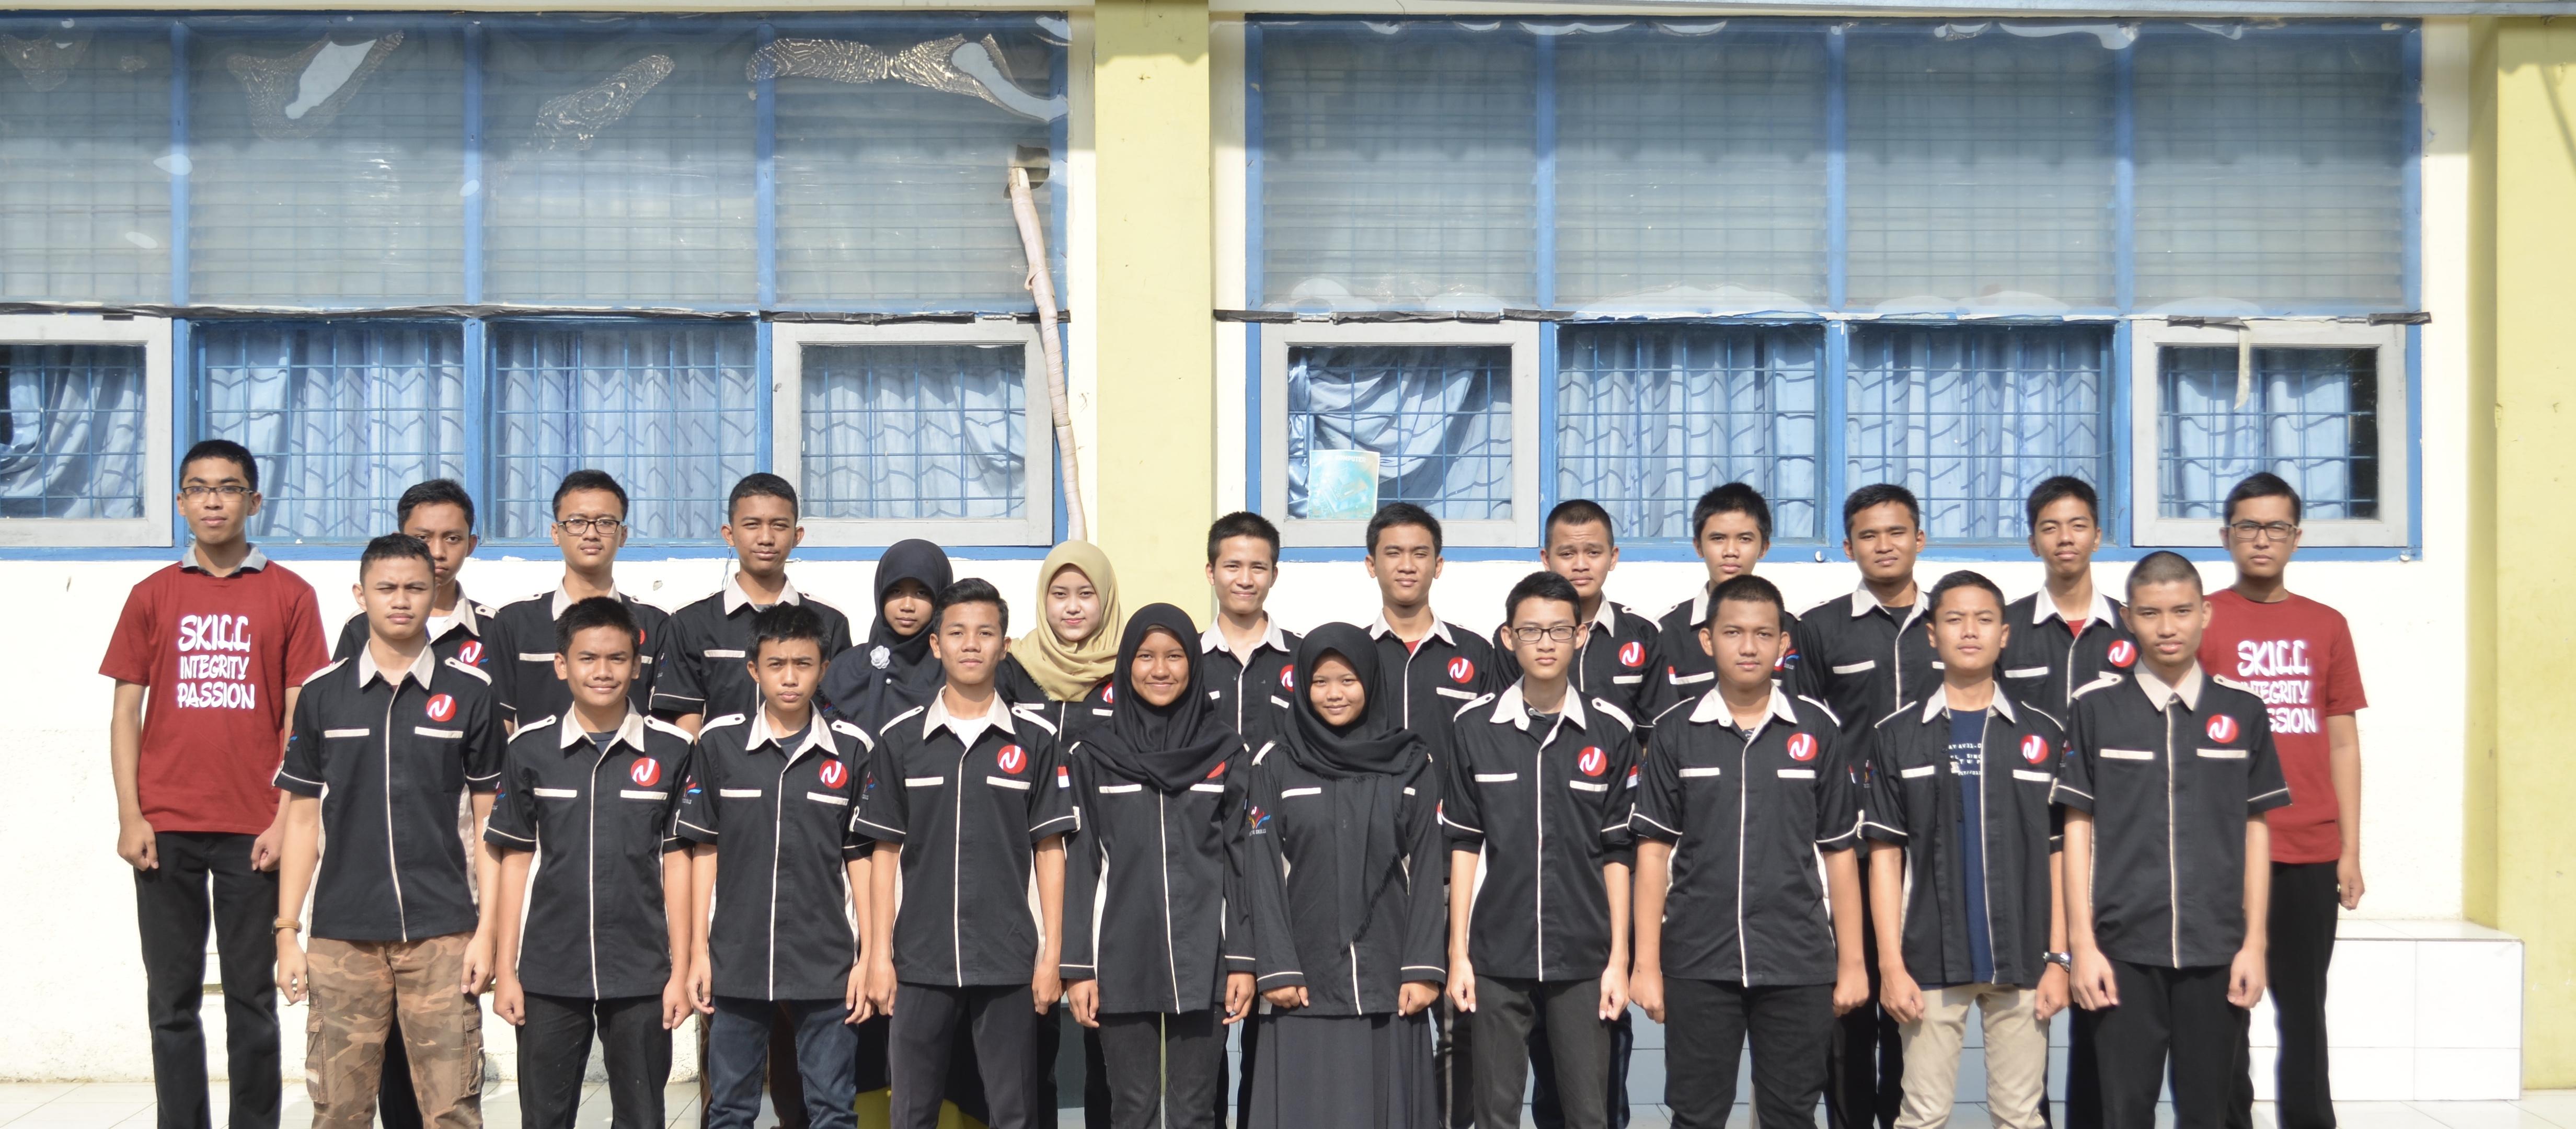 We Are A Teams